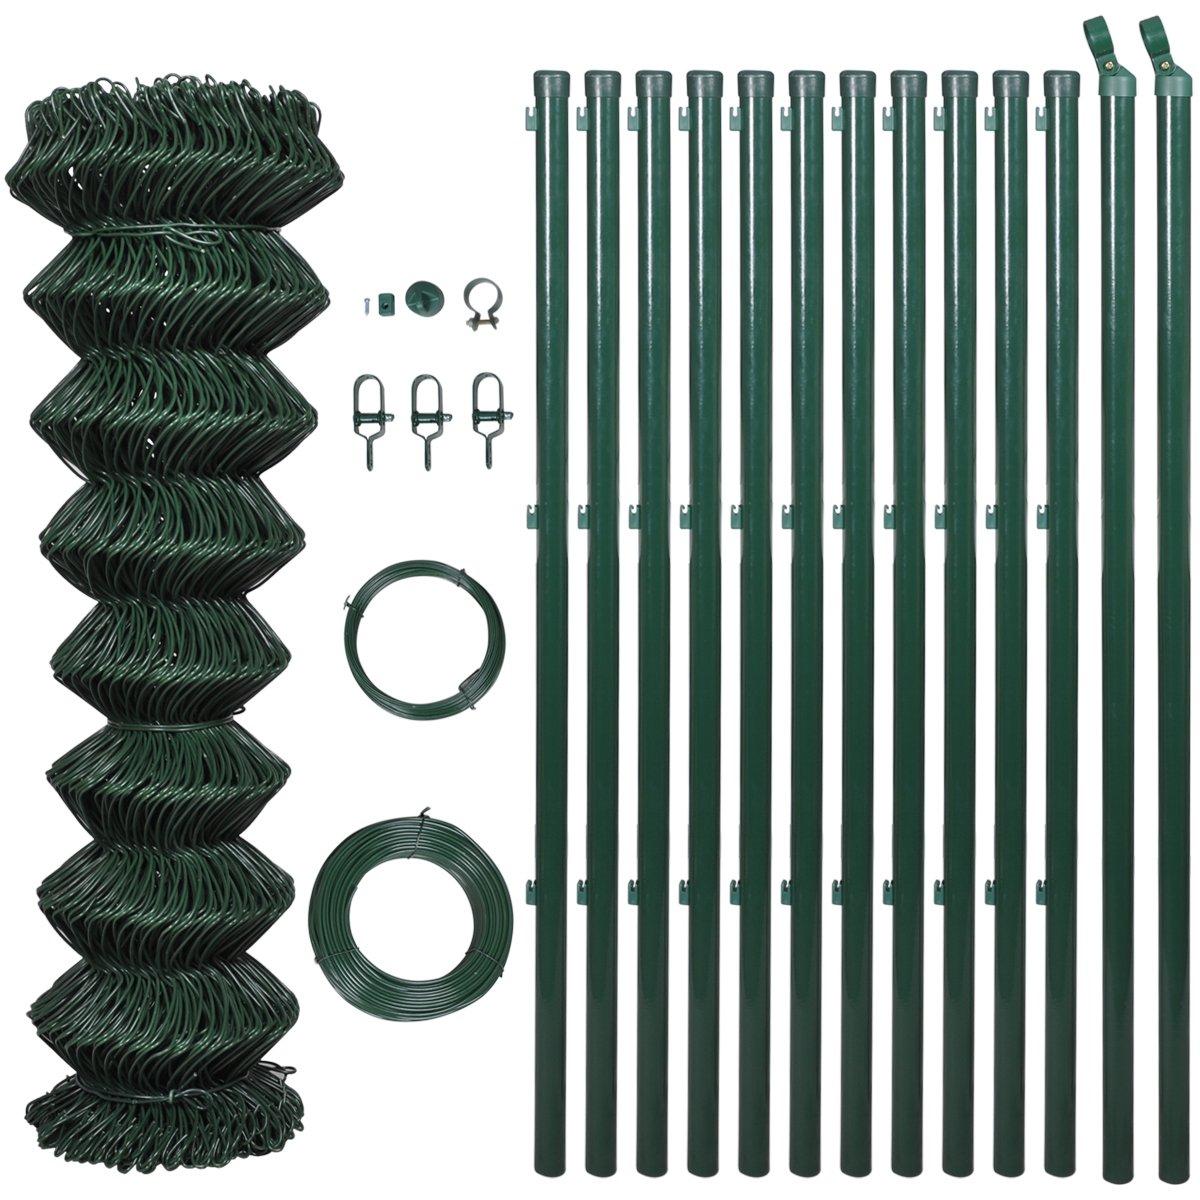 Maschendrahtzaun Set 1,25 x 25 m grün ZaunSET Maschendraht Draht mit Montage   Kritiken und weitere Informationen